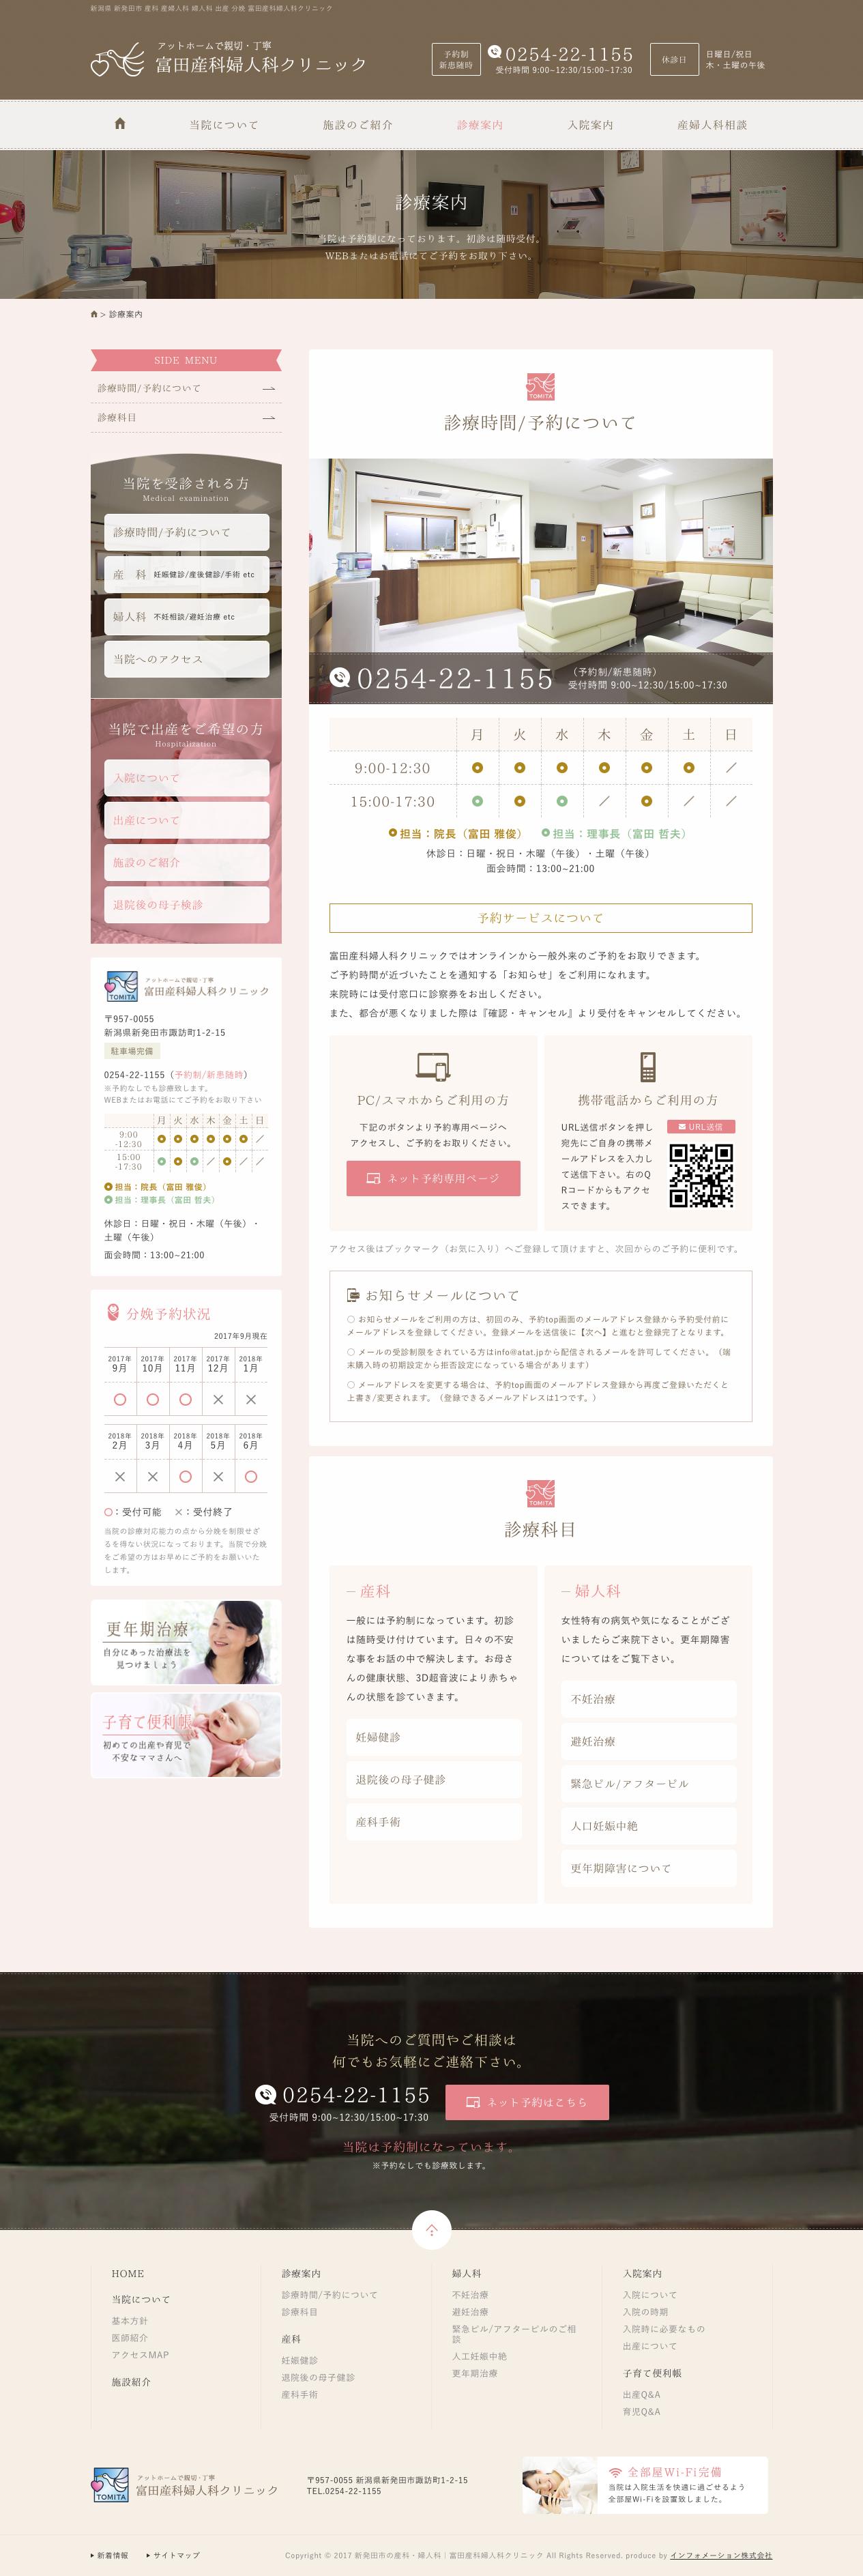 富田産科婦人科クリニック 様のホームページ